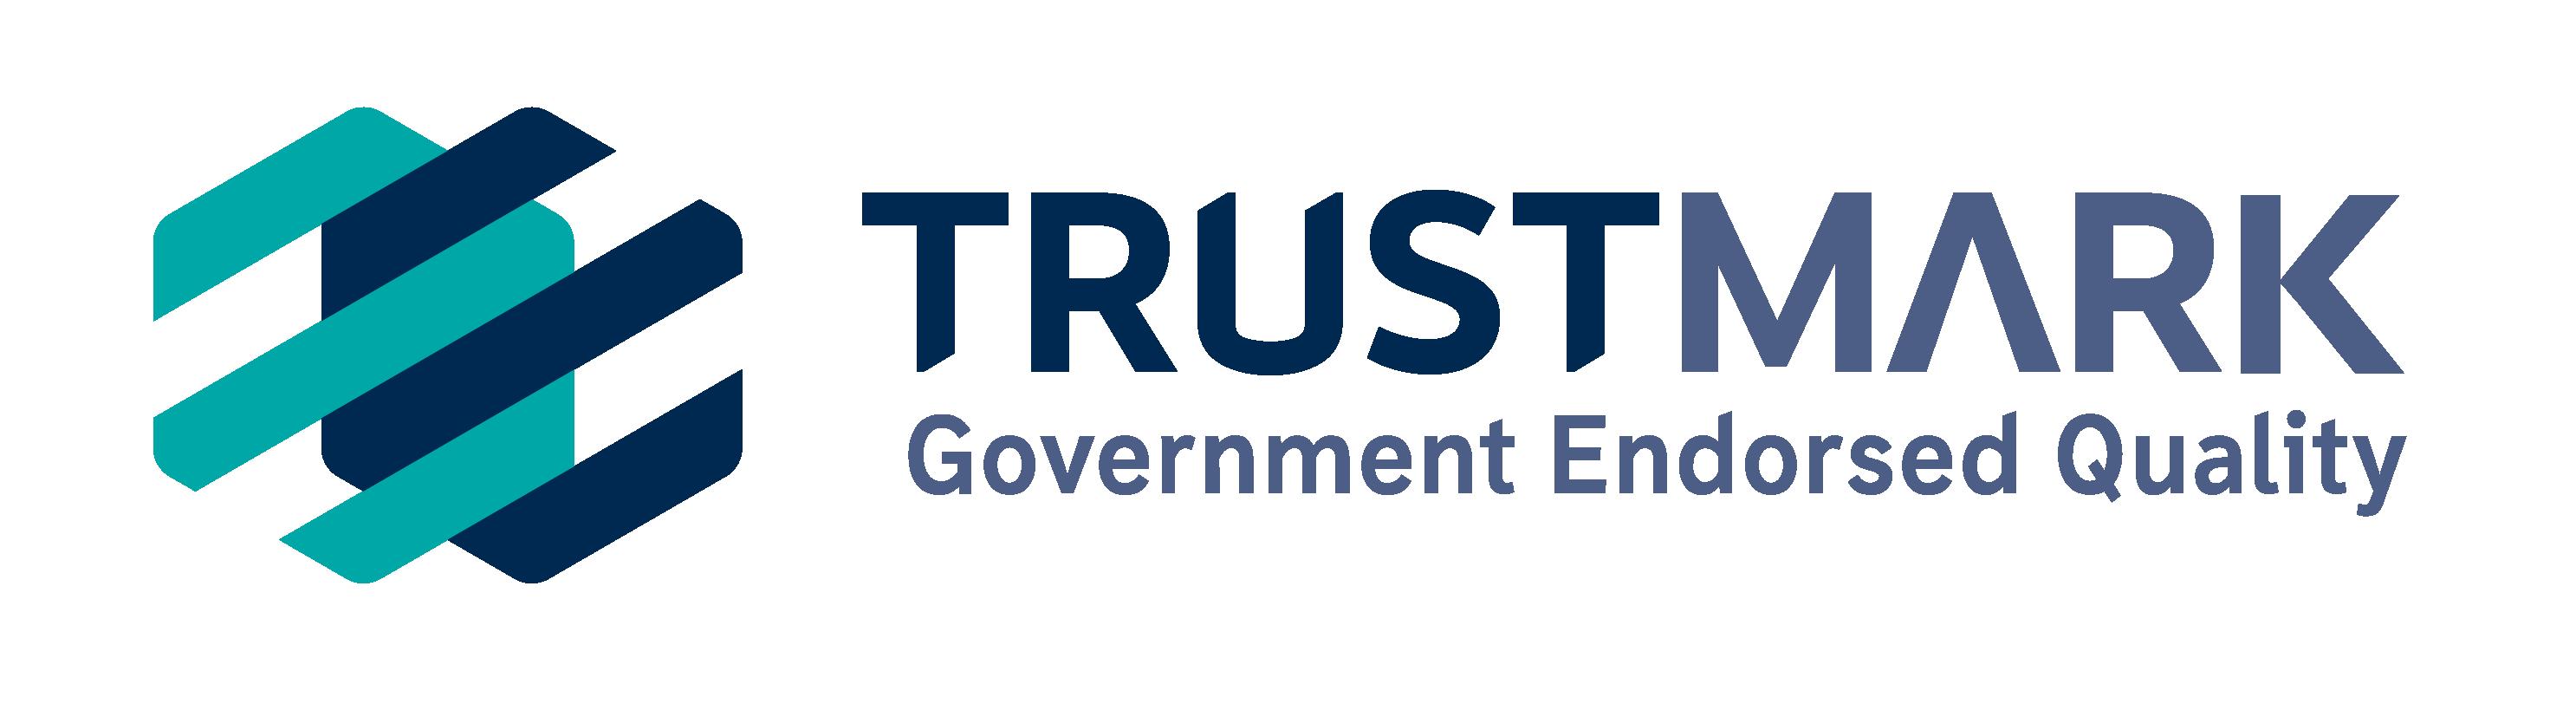 https://besttwickenhamroofing.co.uk/wp-content/uploads/2021/10/trustmark.png